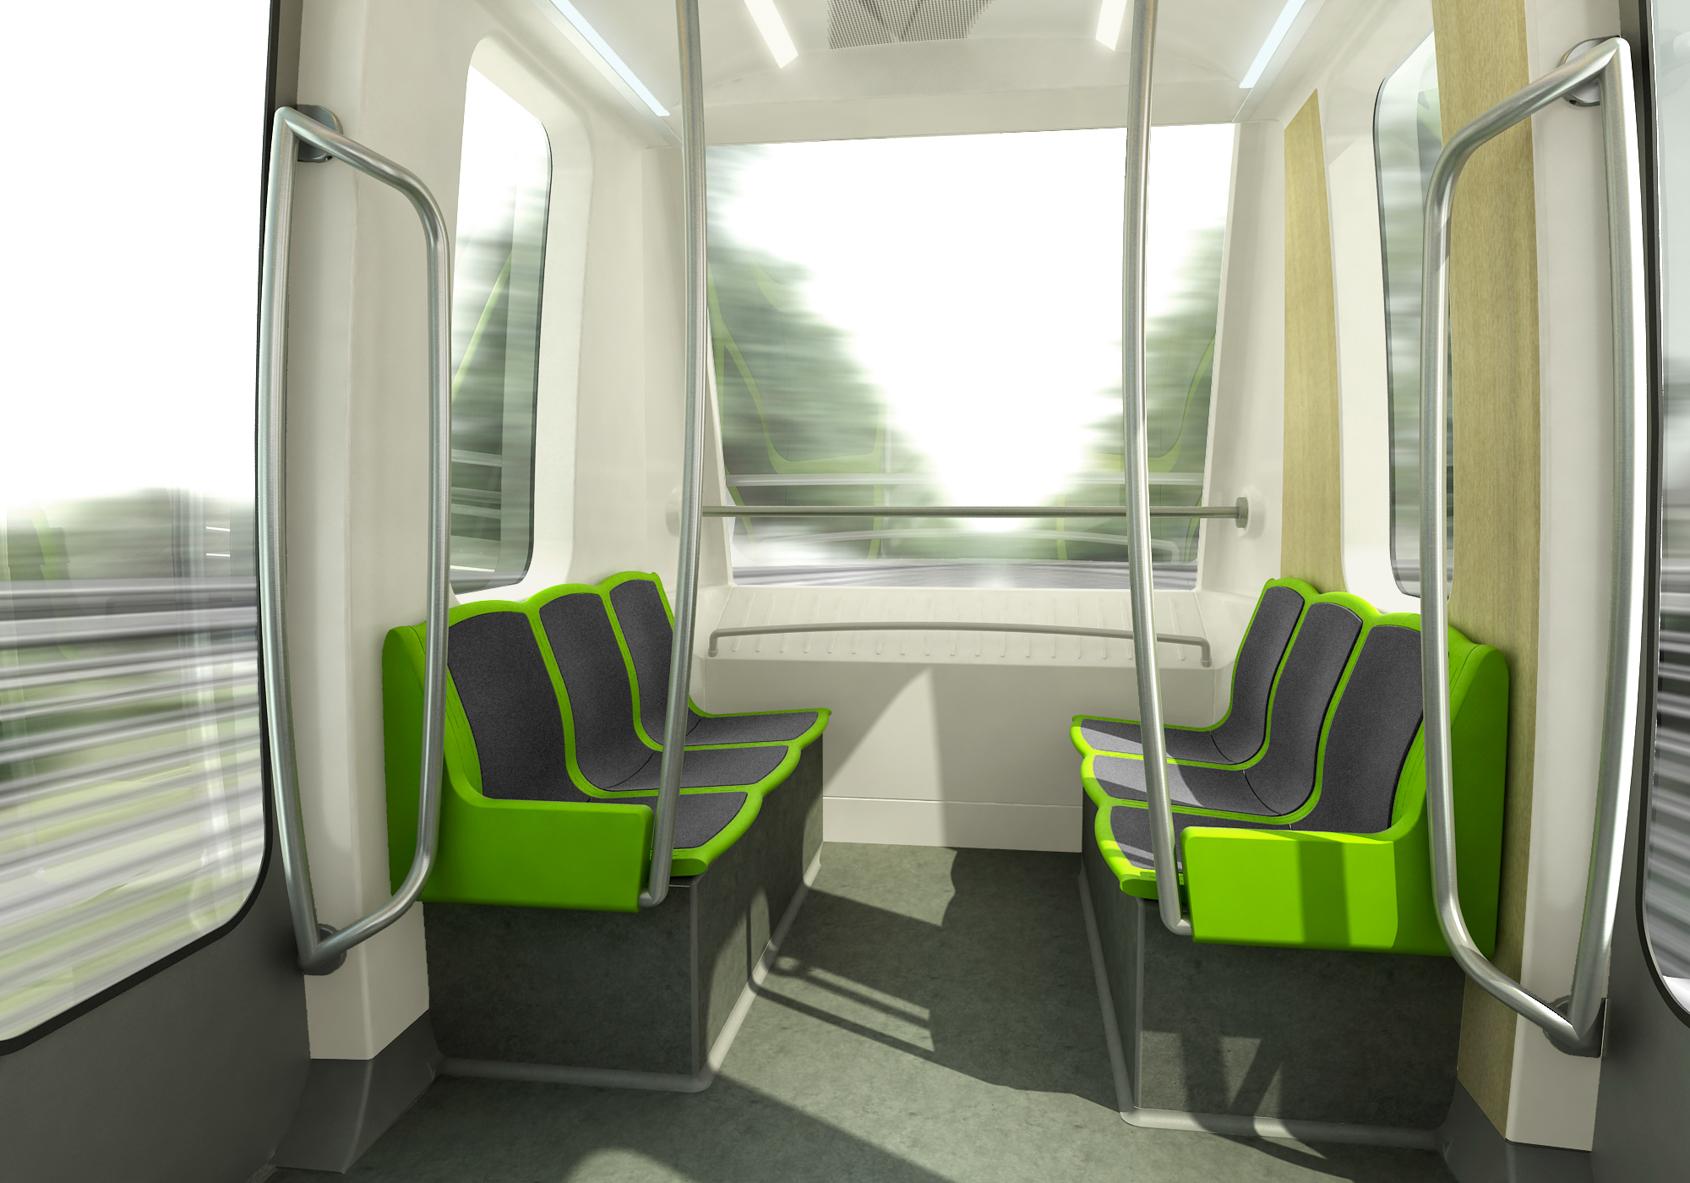 6-Dripmoon-archvis-graphiste3D-design-produits-images-3D-metro-rennes